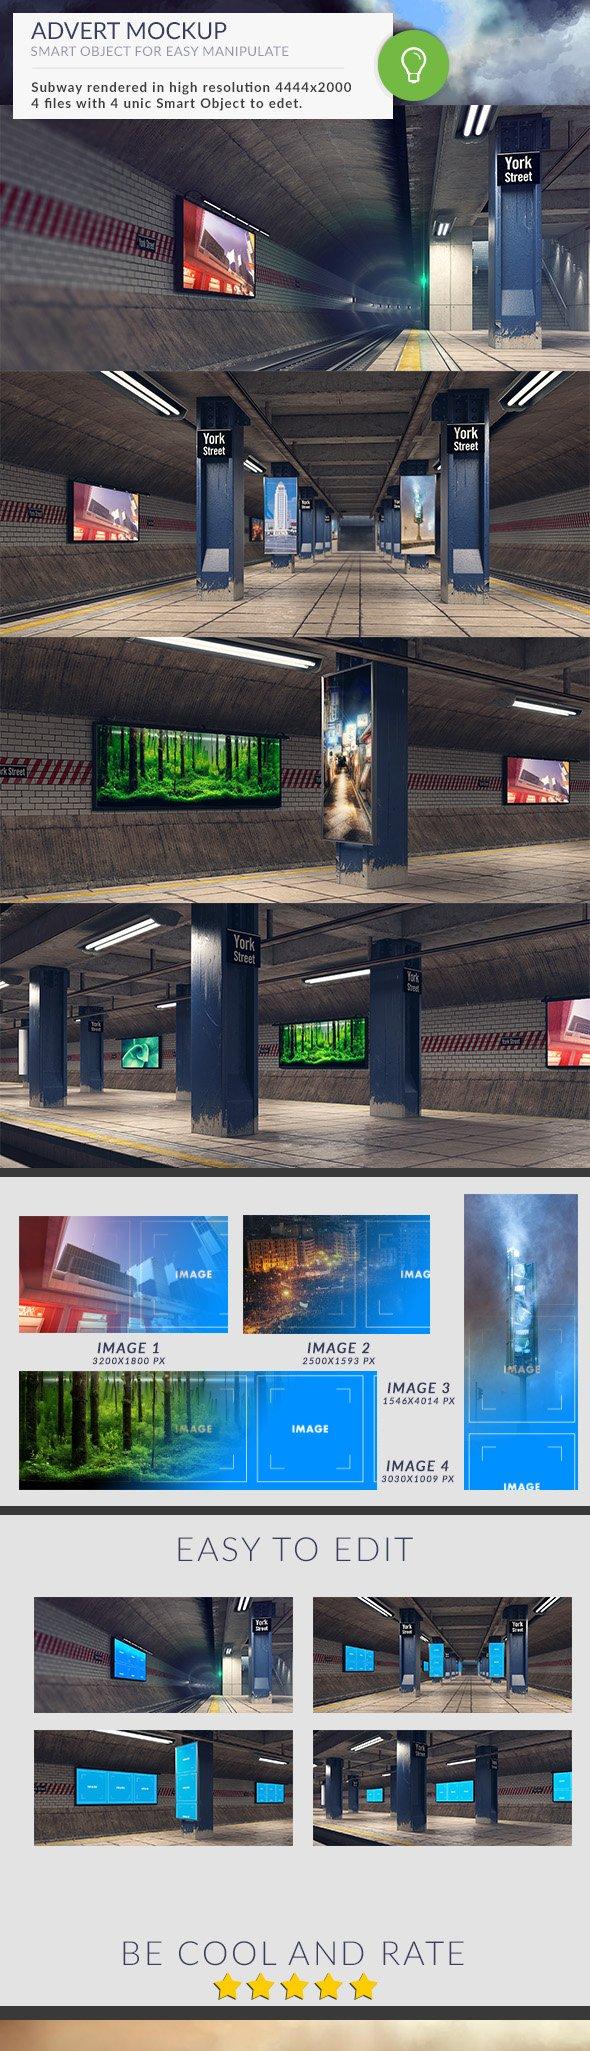 Subway Station Mockups Adverts - 1